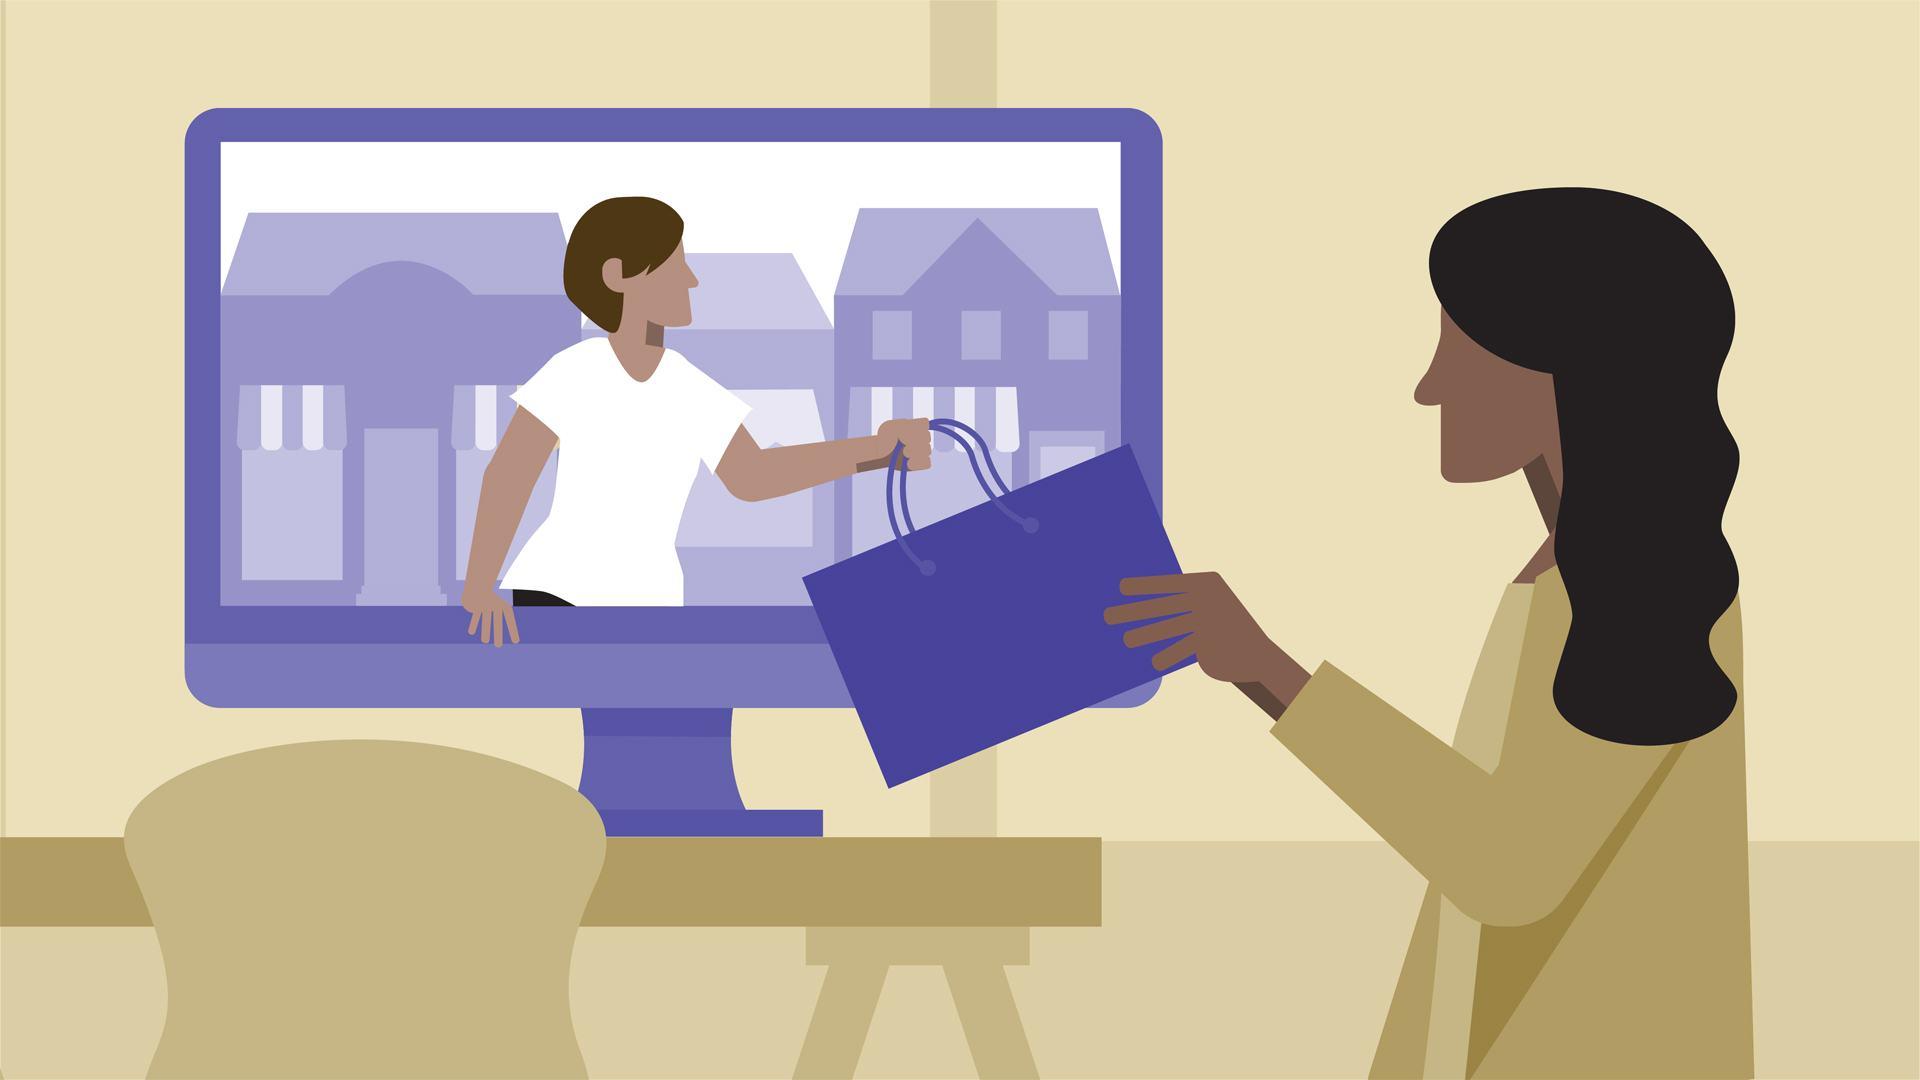 ban hang online 1 - 04 Nguyên tắc để tăng tốc doanh thu dễ dàng